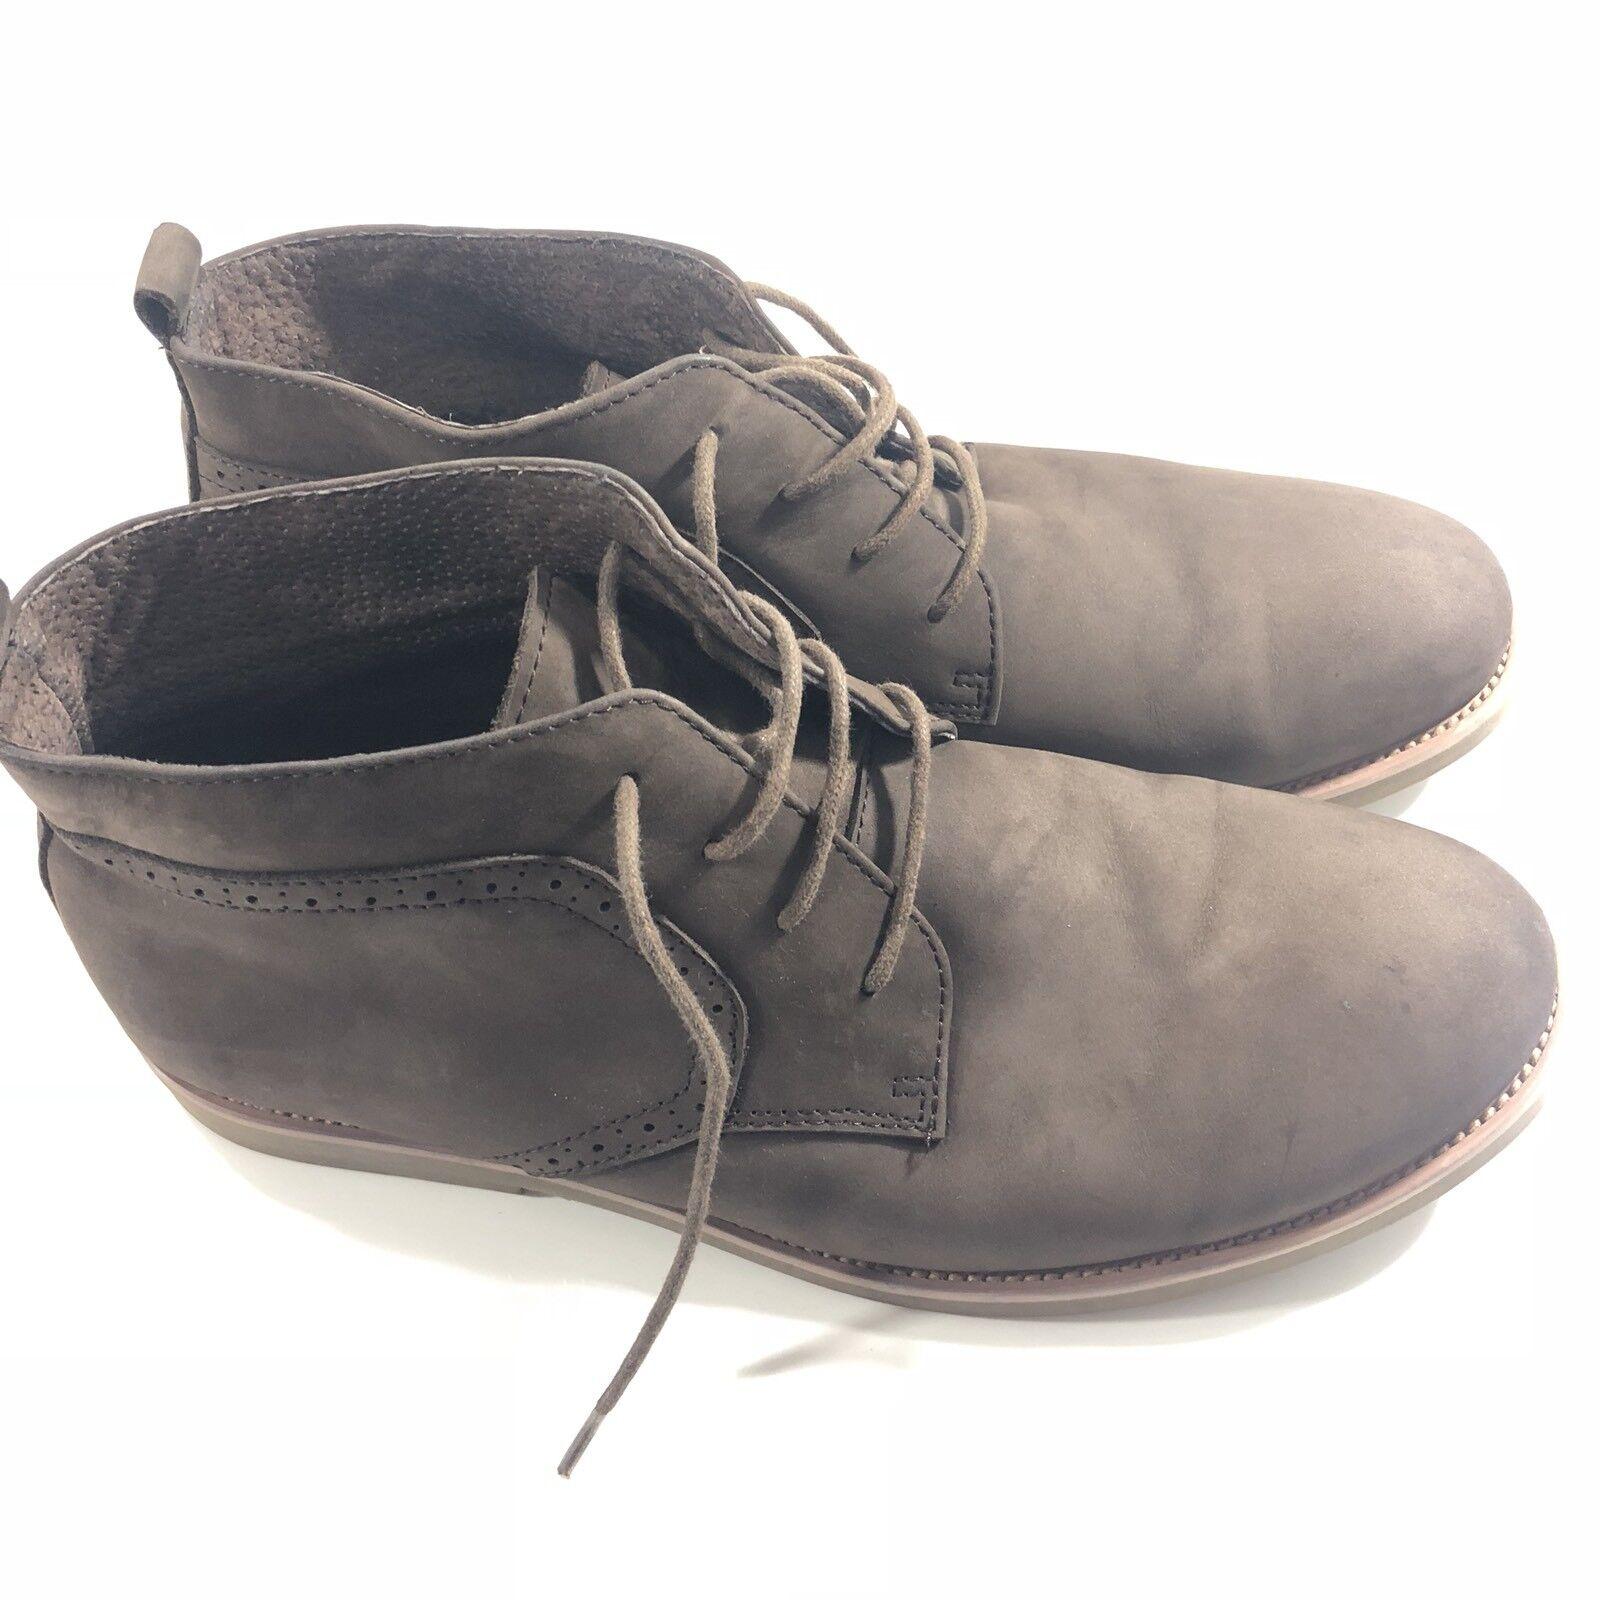 Polo Mens Stiefel braun Größe 10.5 Made In